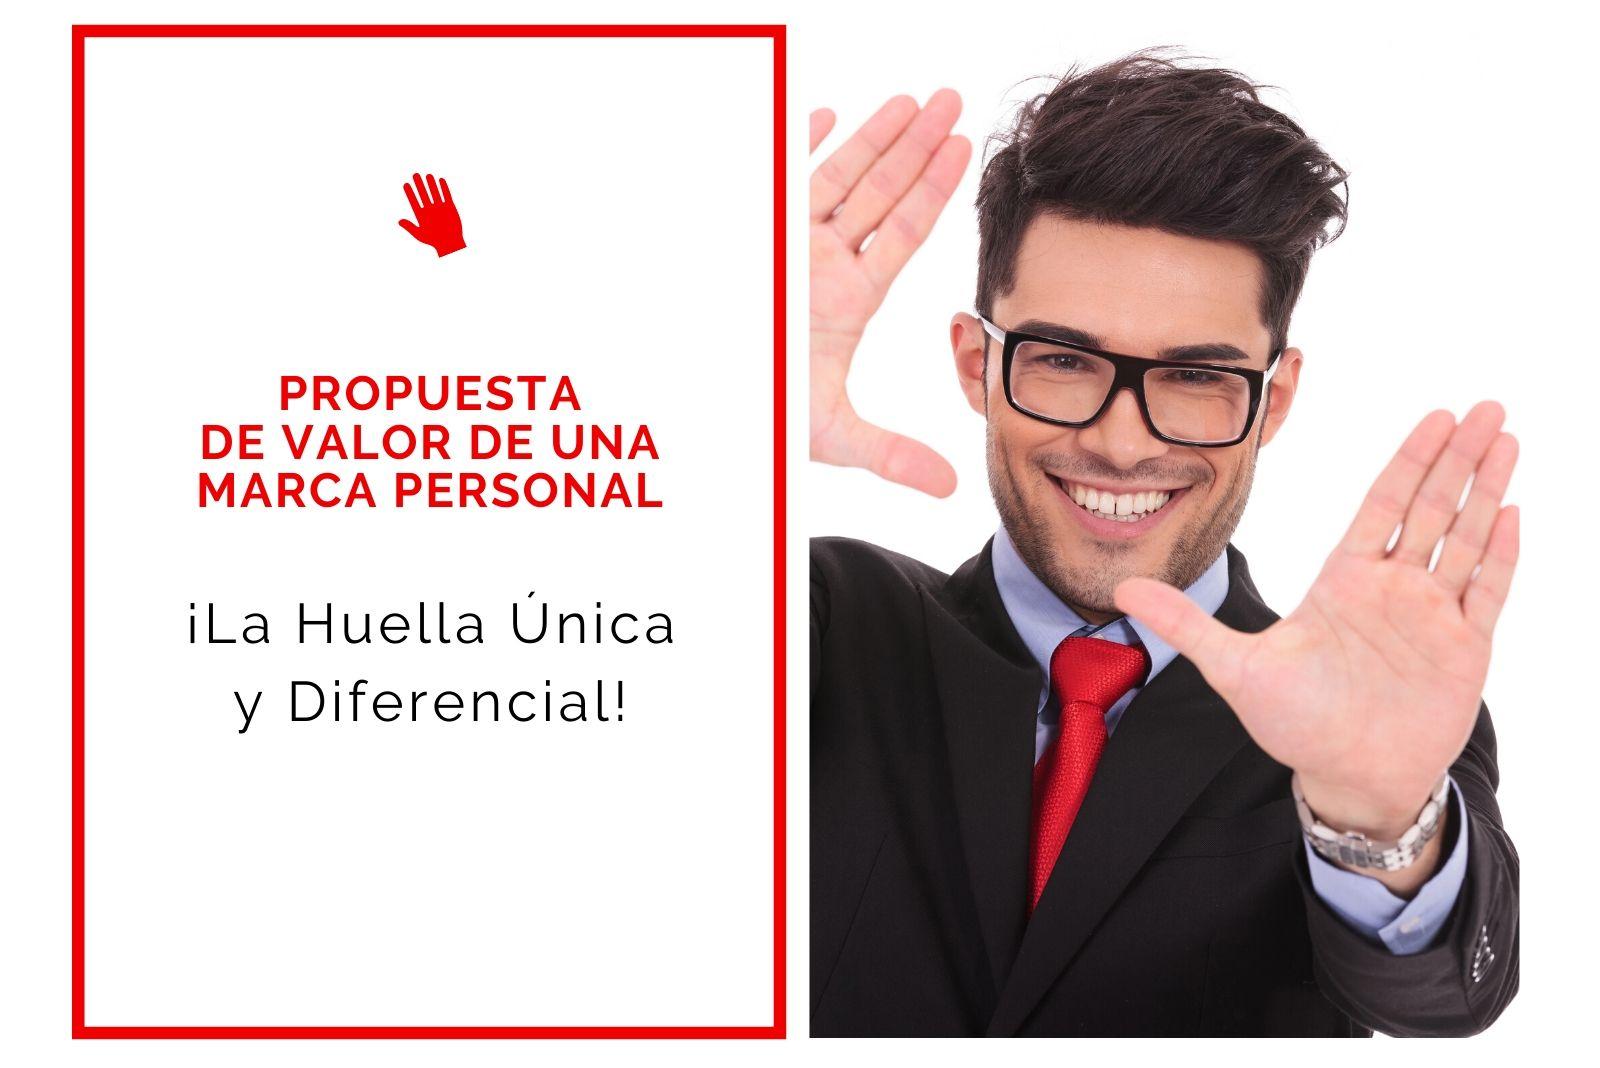 Hector Jimenez - Propuesta de Valor De Una Marca Personal - 1